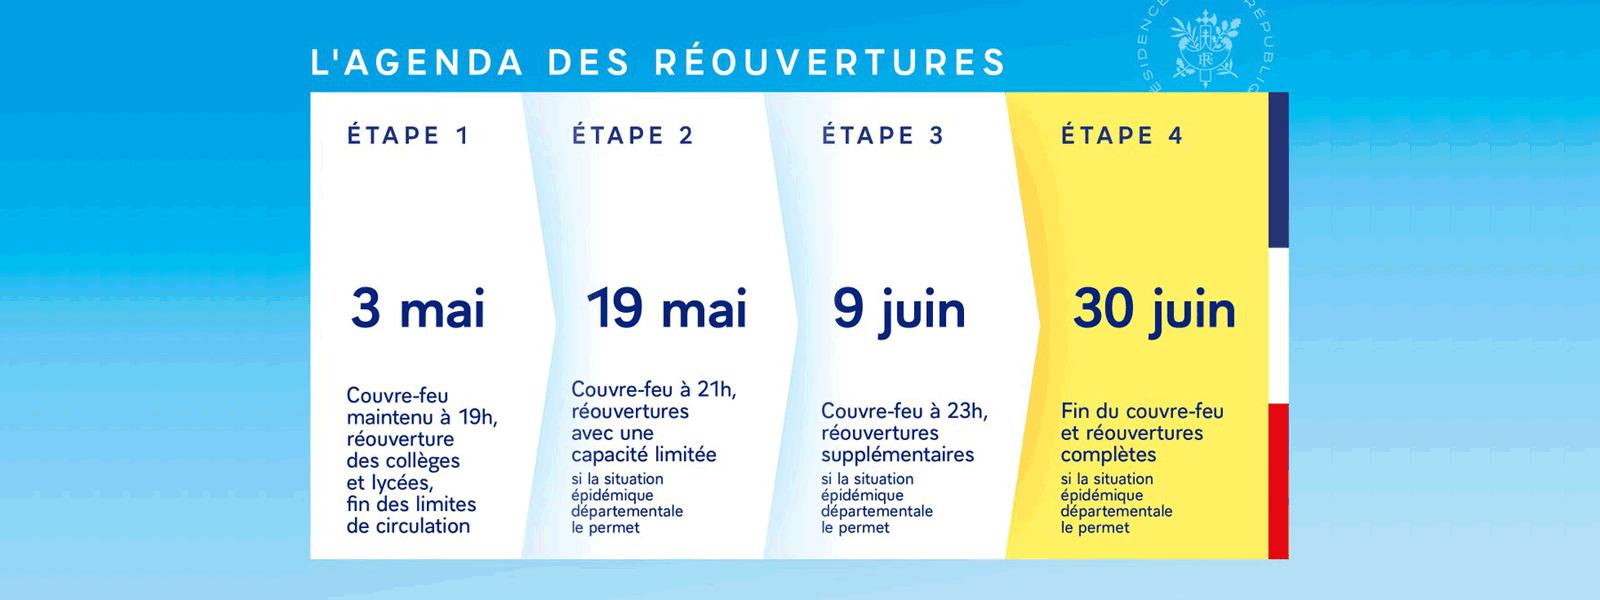 Plan de réouverture du pays en 4 étapes - Mai Juin 2021